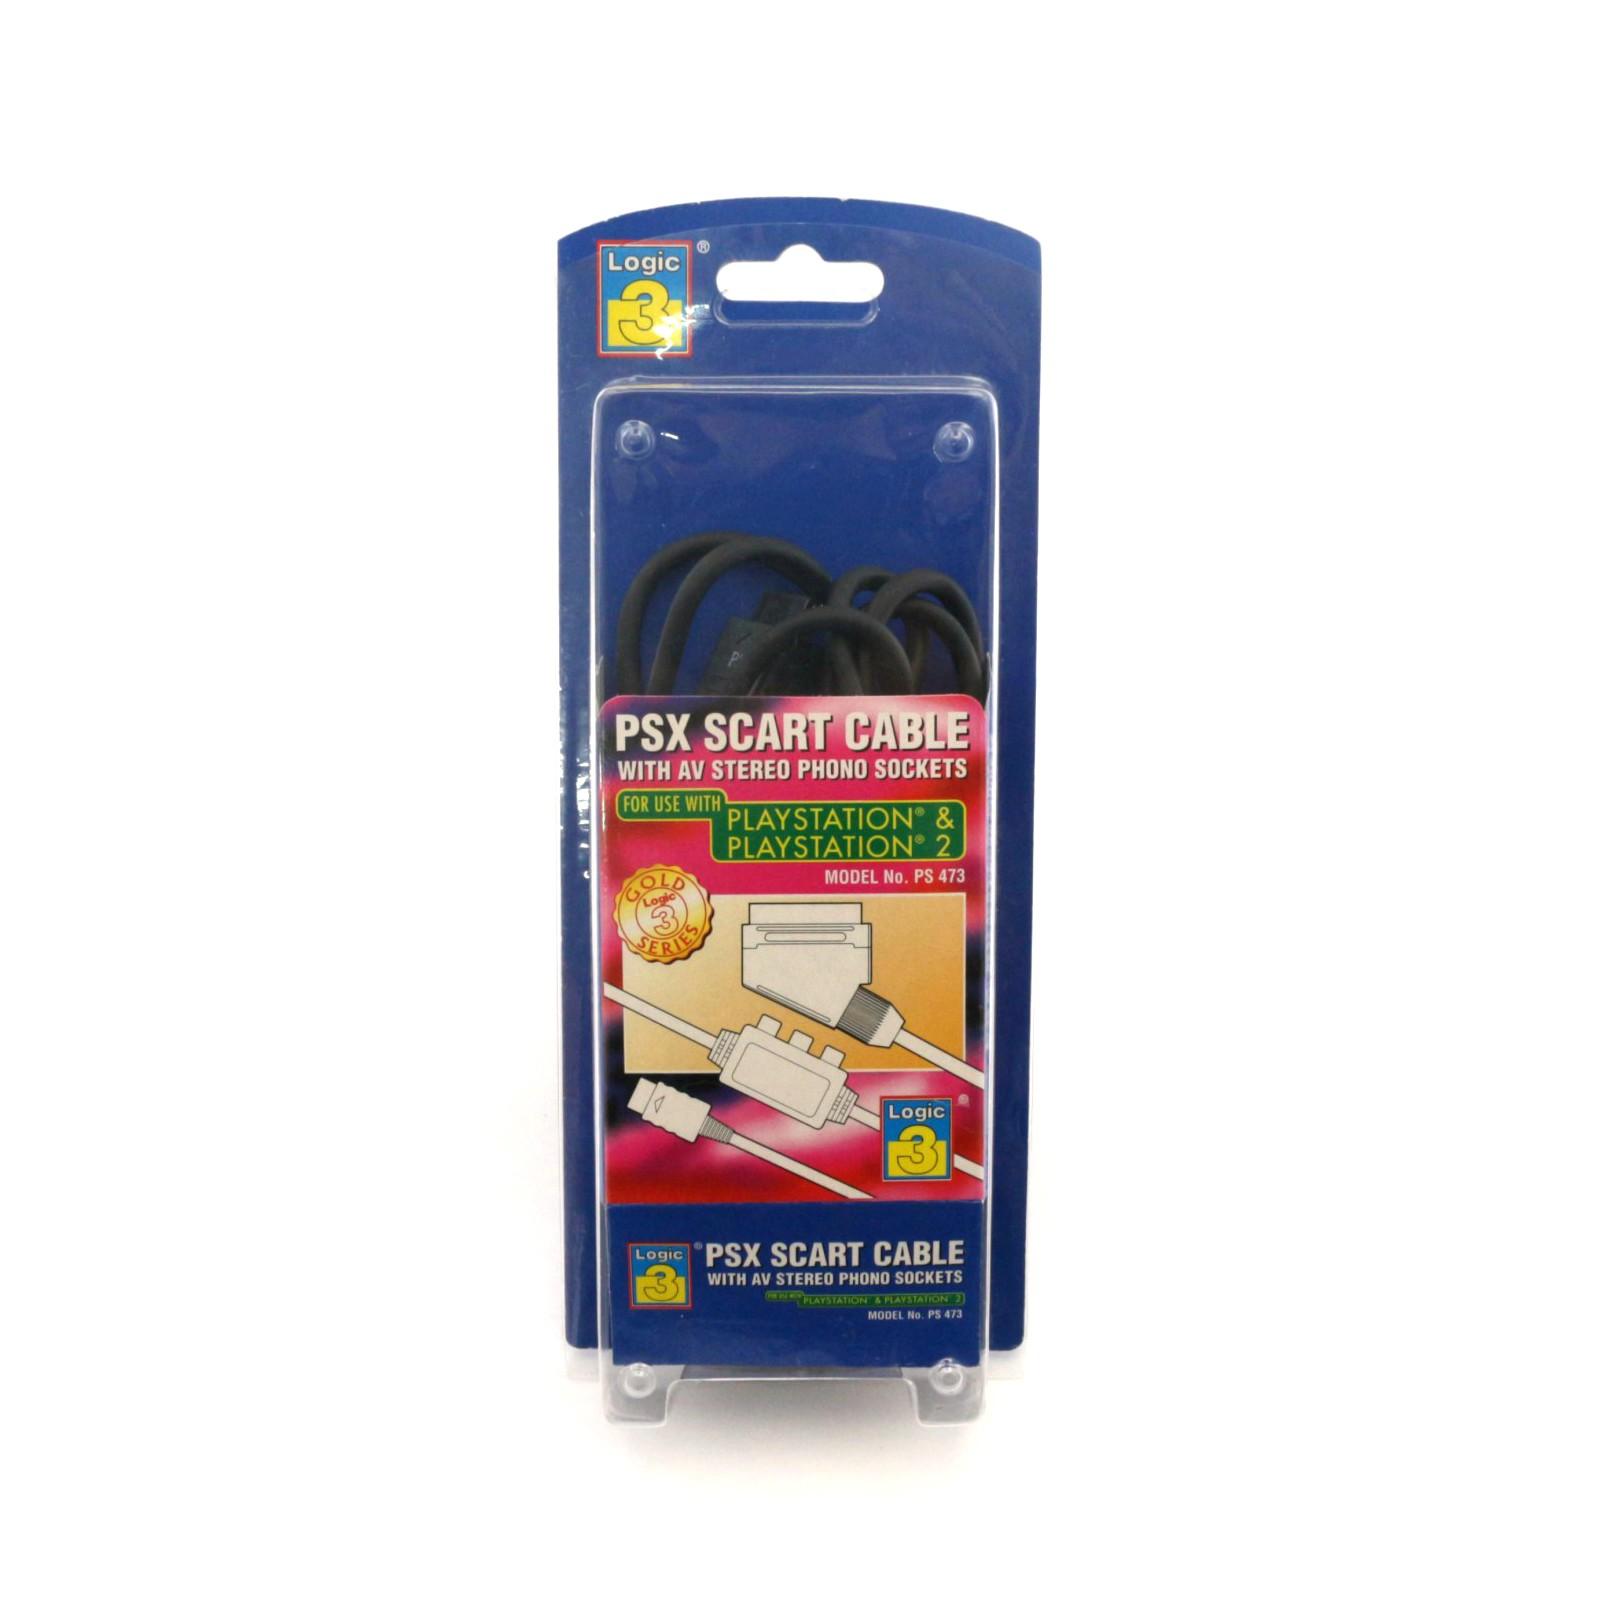 RGB Scartkabel / Scart Kabel mit AV-Out [Logic 3]